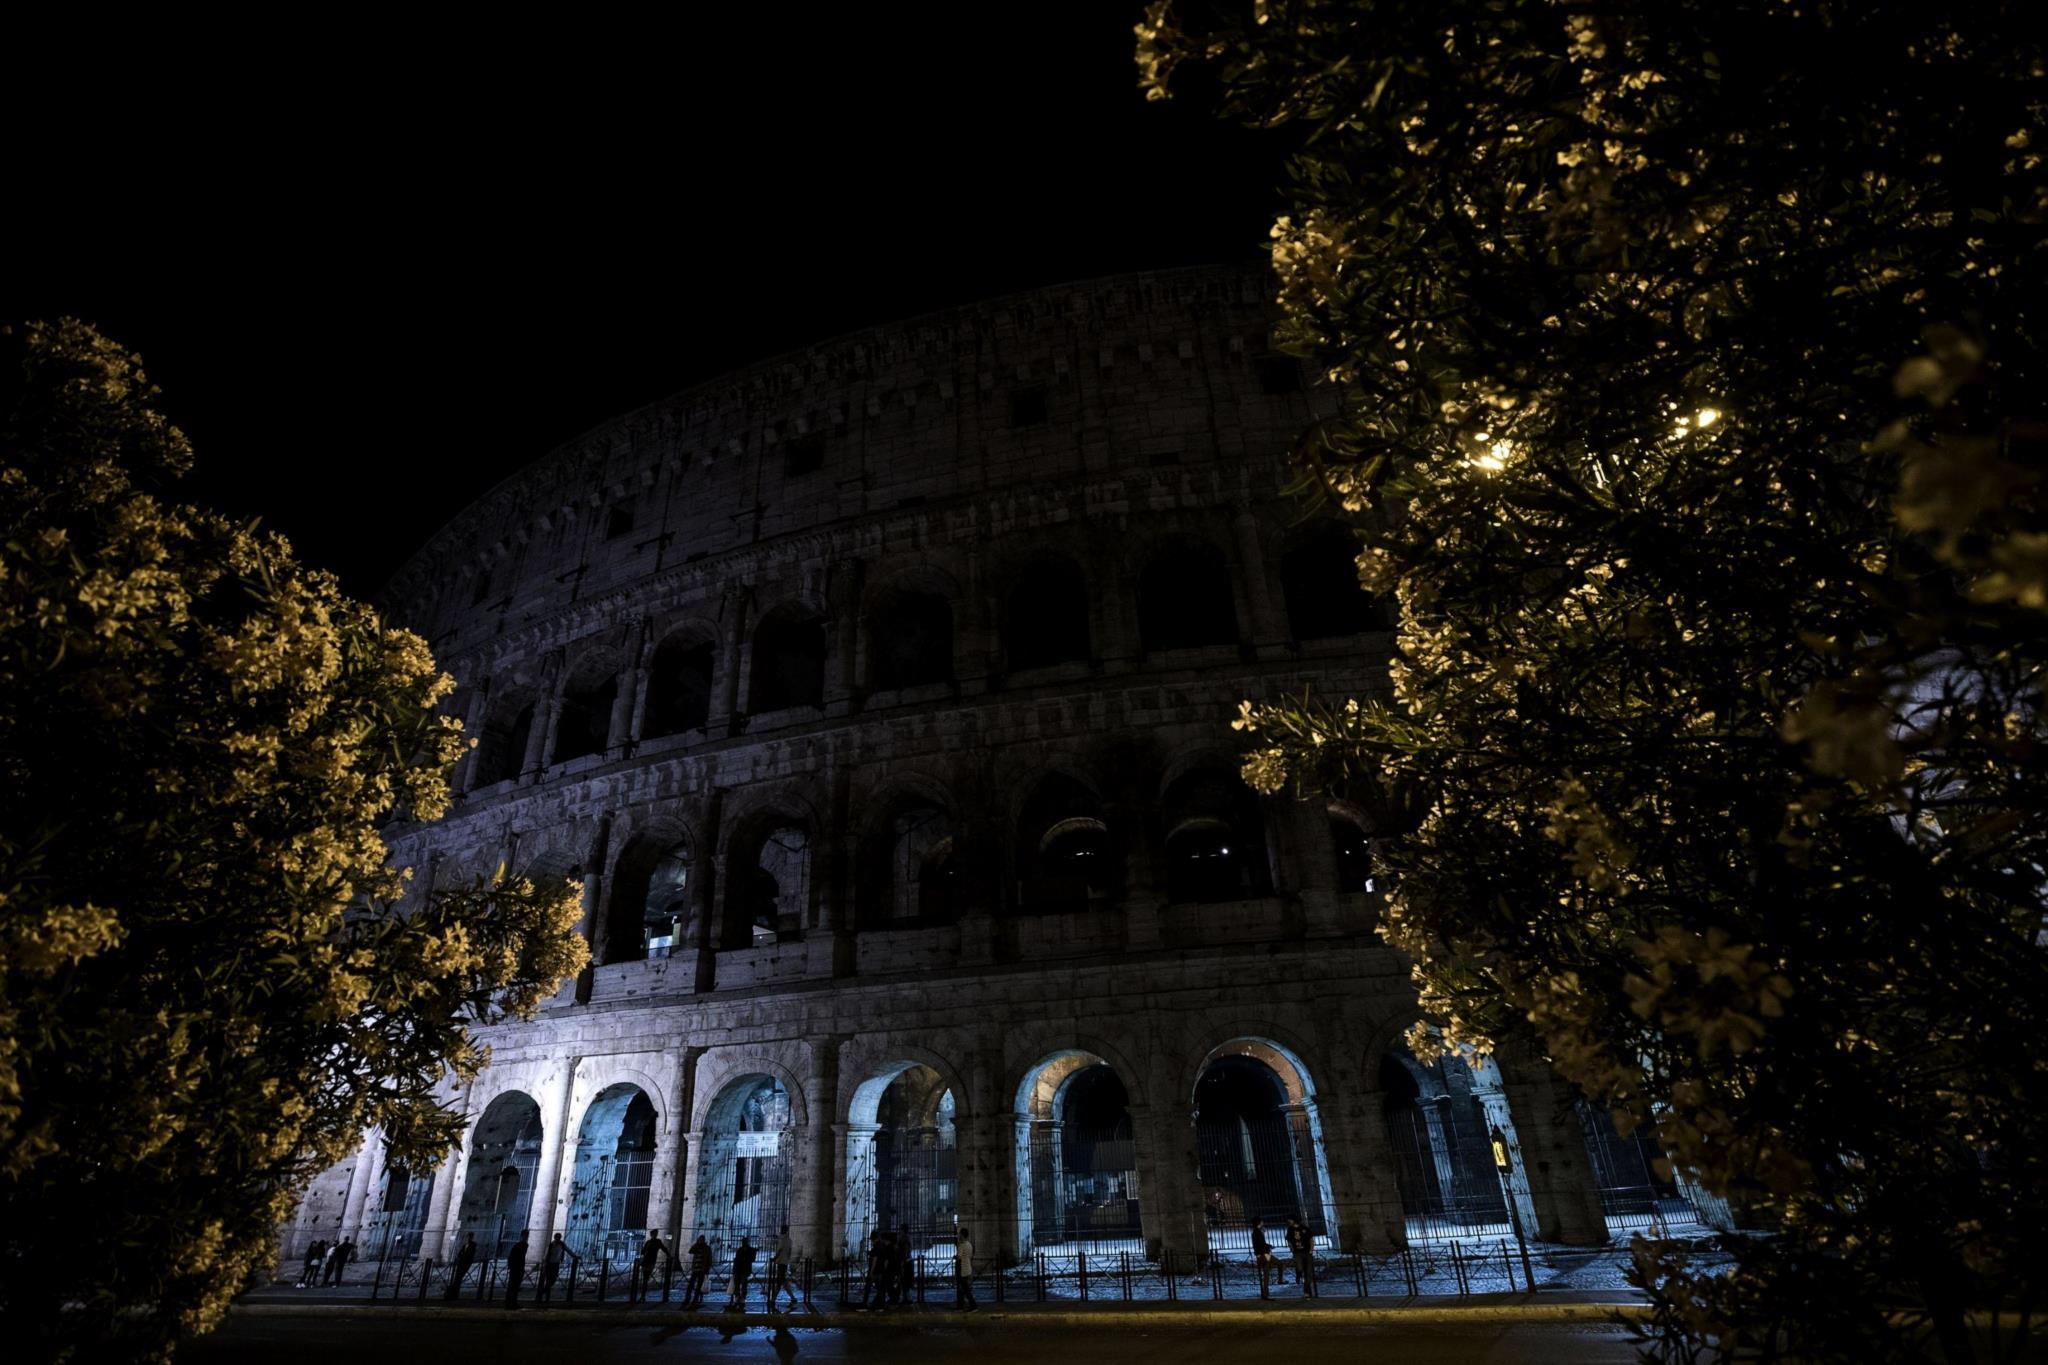 Em Roma, as luzes do Coliseu foram apagadas em memória das vítimas do atentado de Manchester